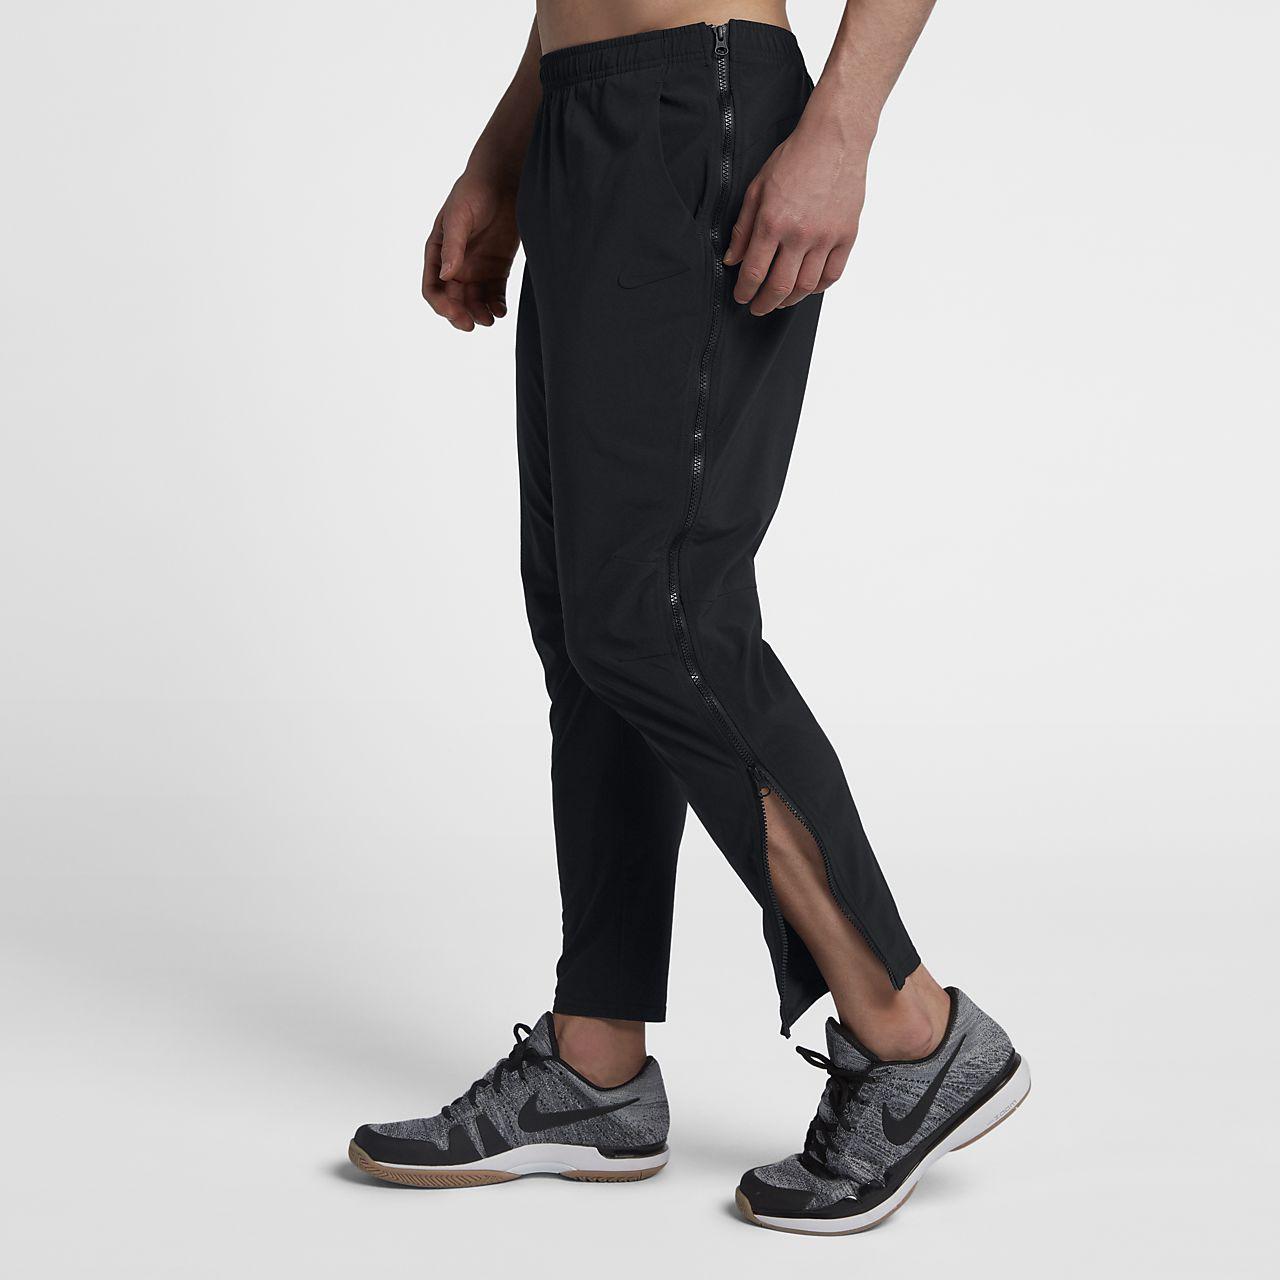 Tennis Pantalon De Nikecourt Flex Pour Homme tshQrdC